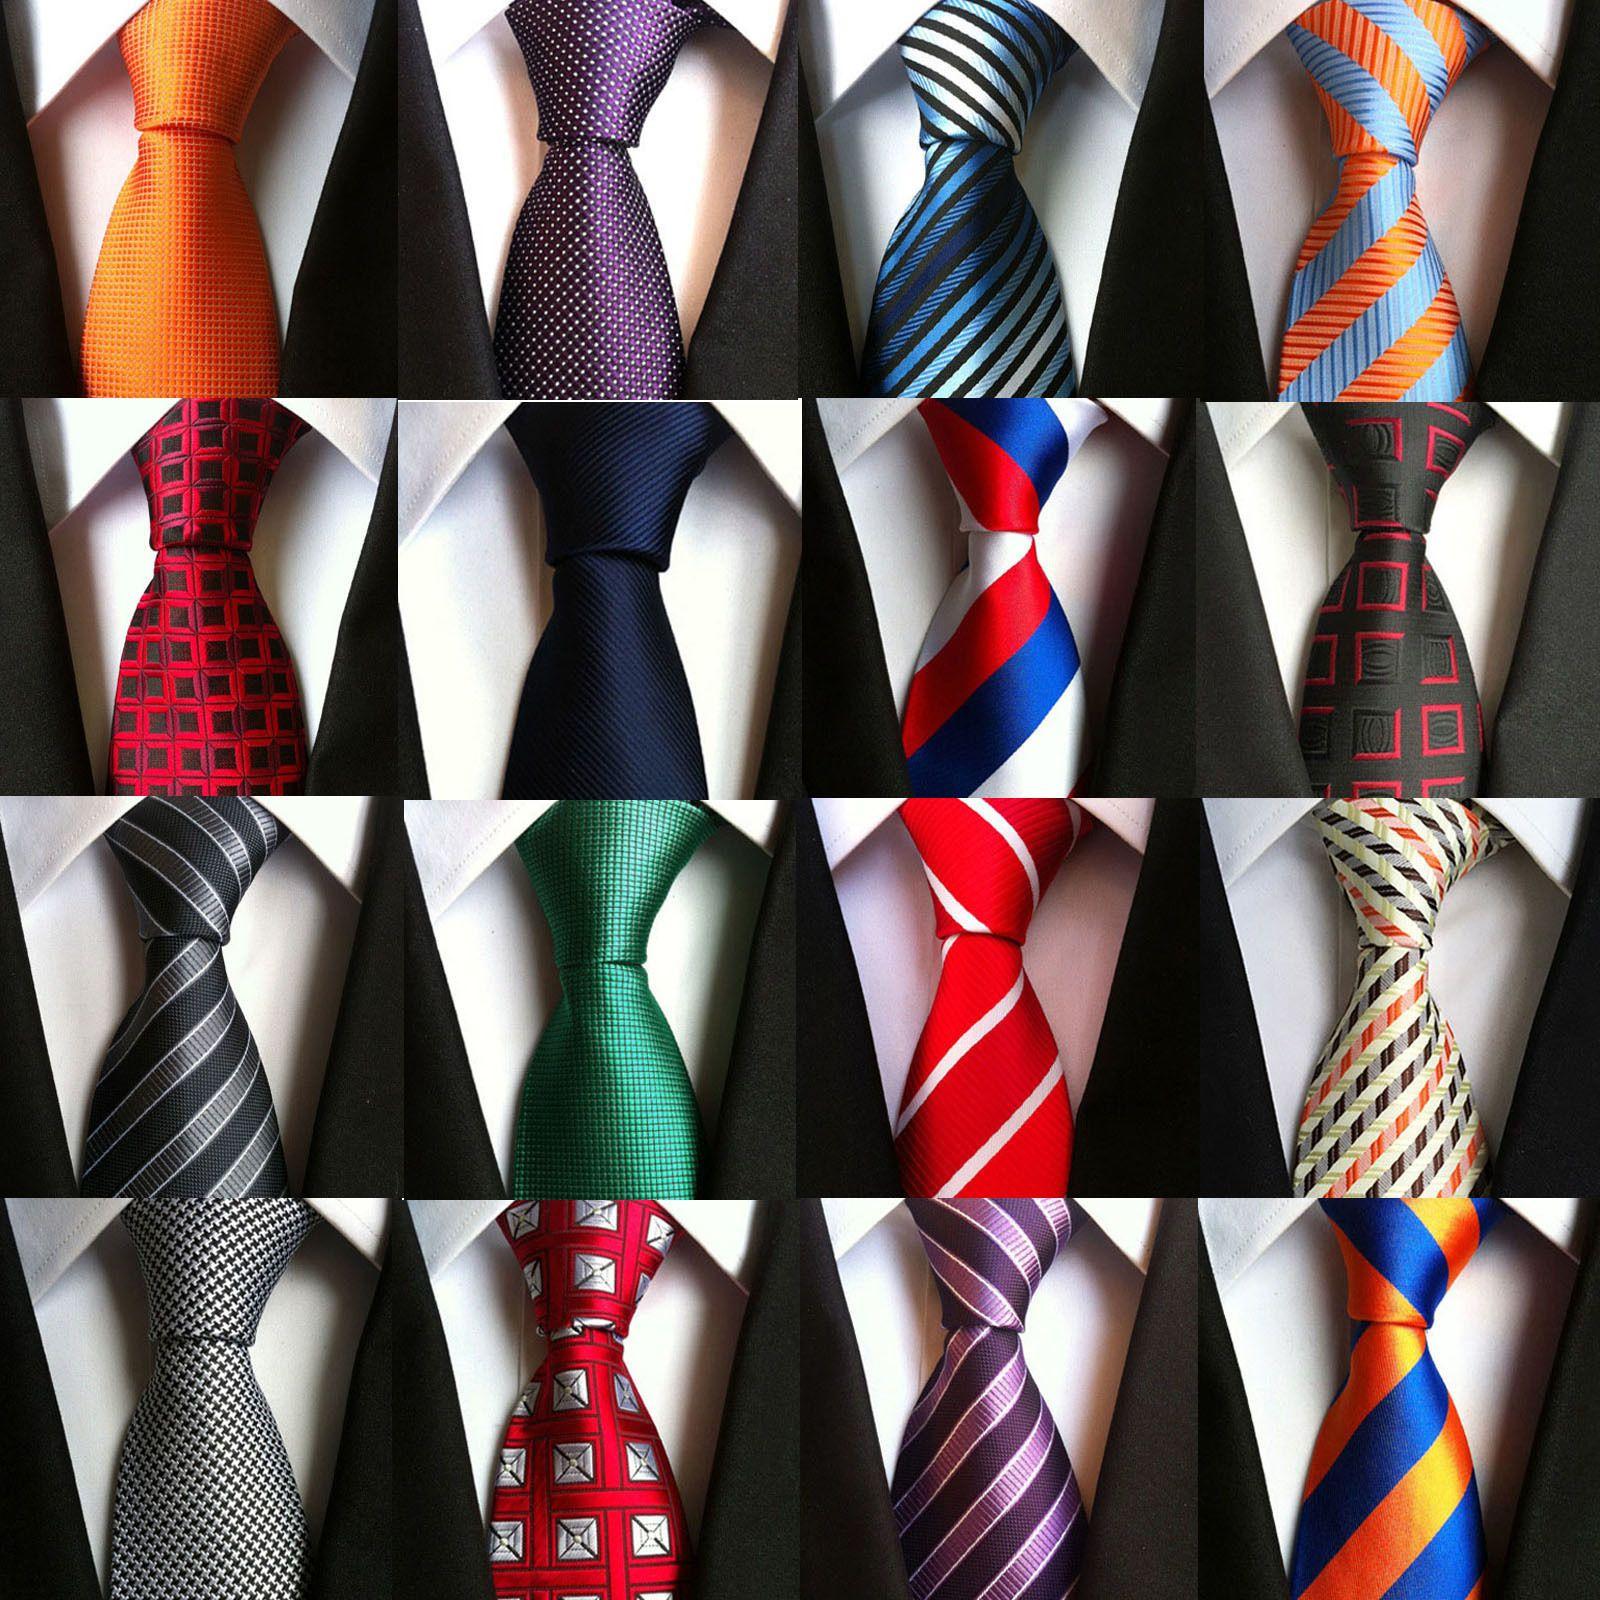 Moda 8cm corbatas de los hombres clásicos' rojo de la boda Lazos rayados Azul marino corbata de seda jacquard tejida para hombre Solid Dots corbatas